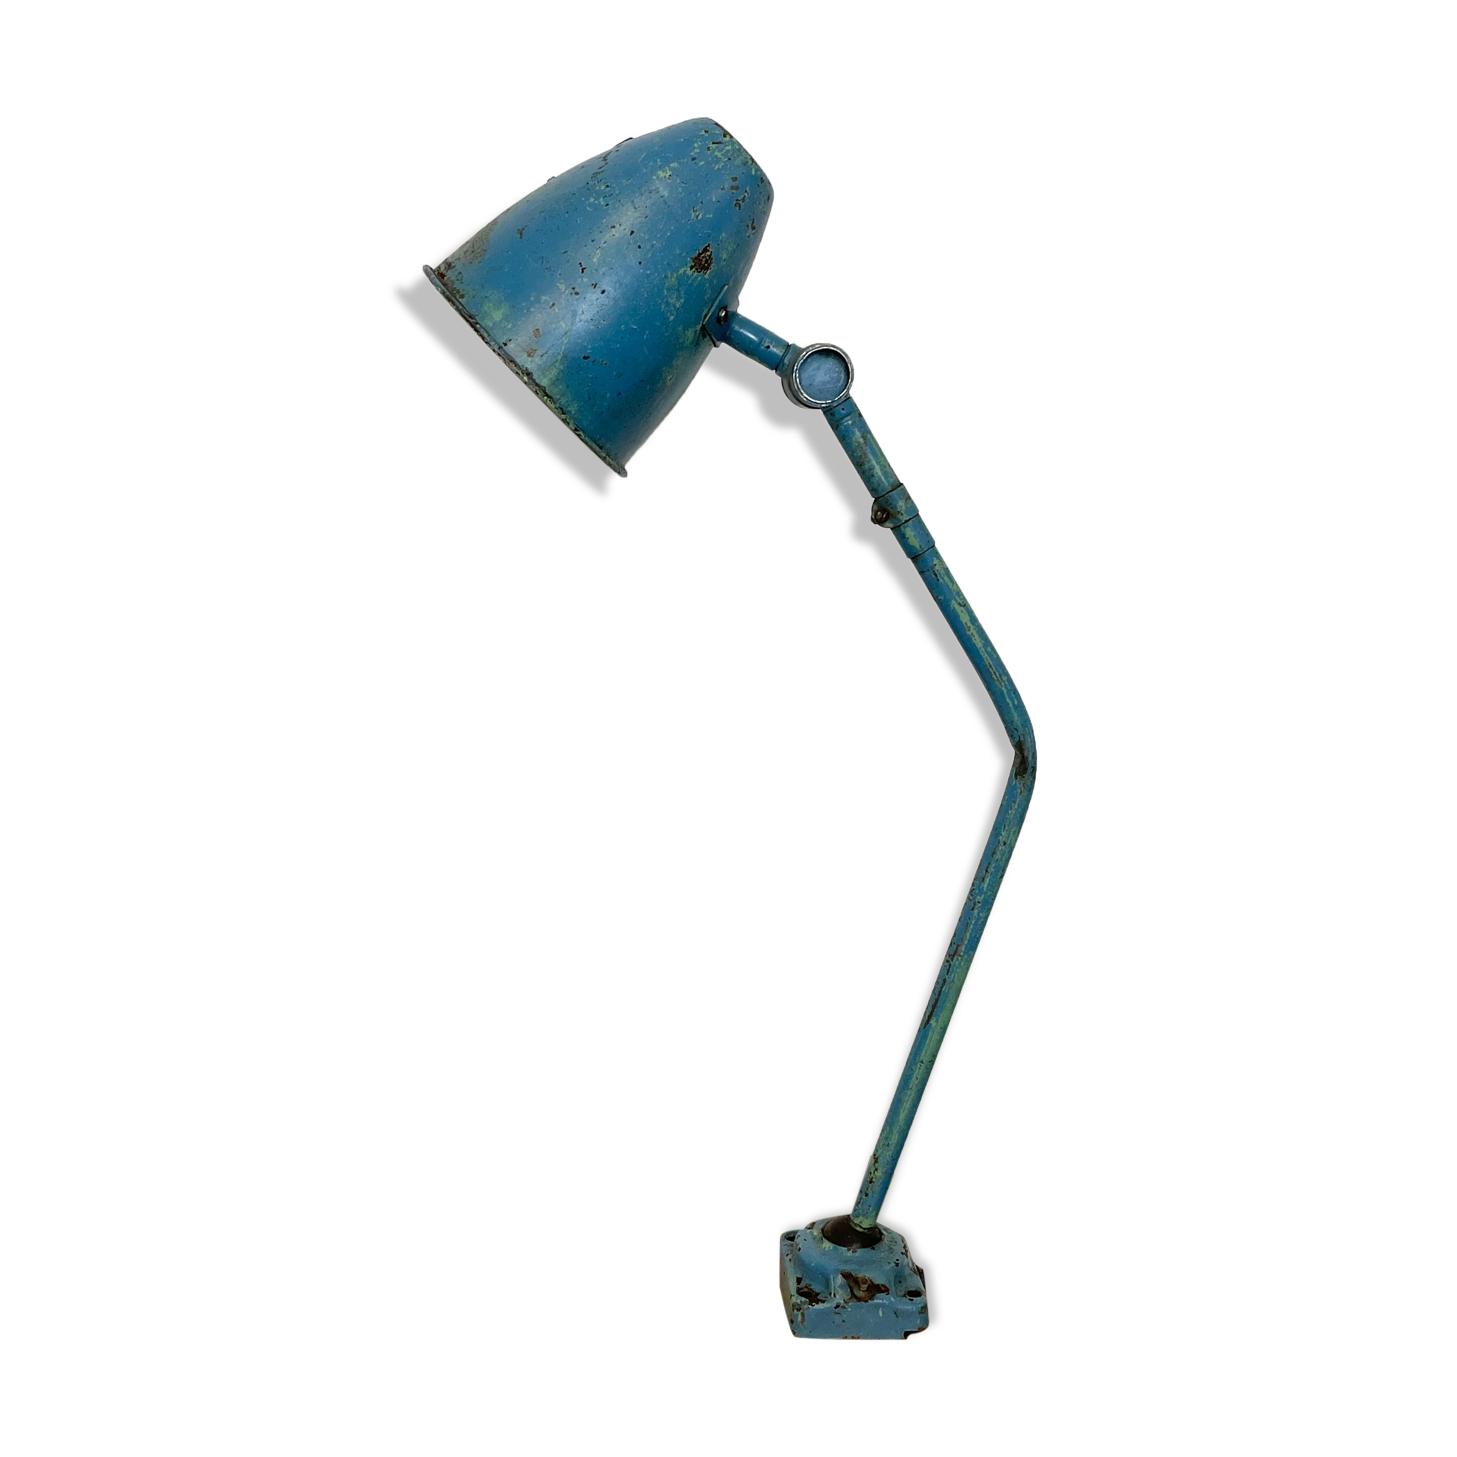 Lampe de table industrielle bleue, années 1960